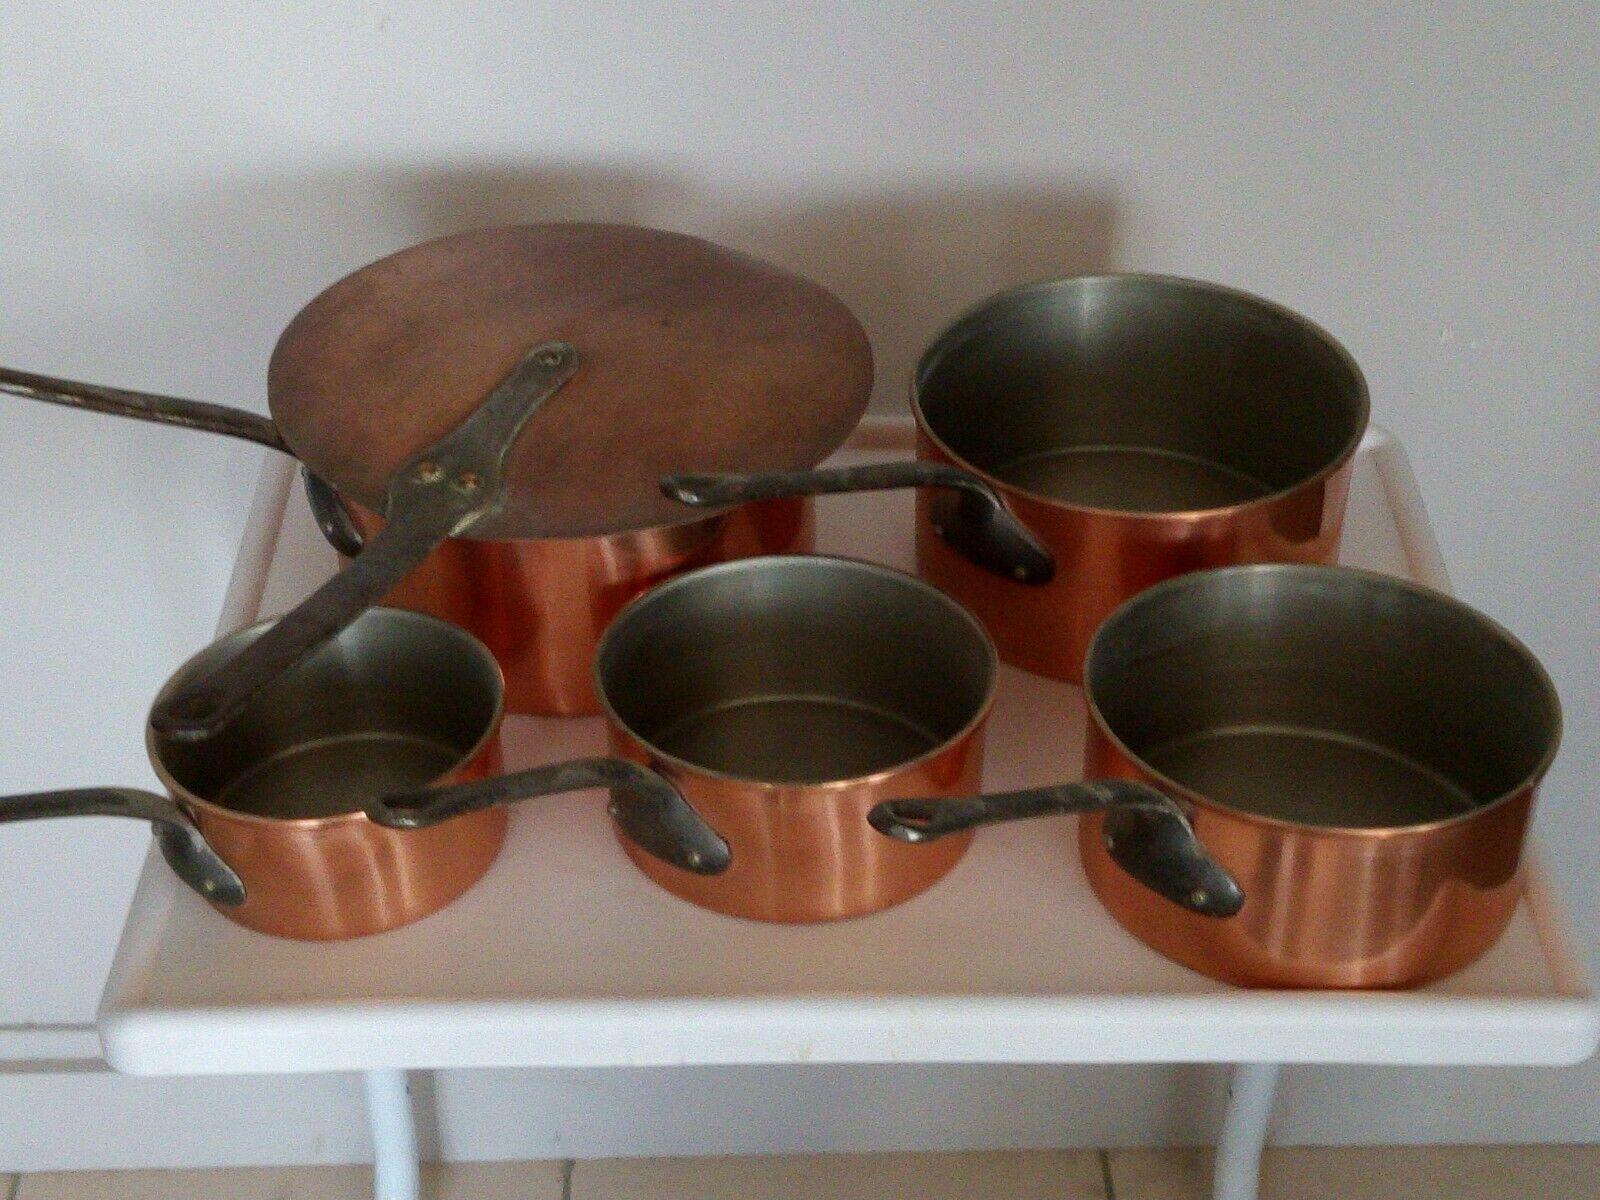 Serie de 5 casseroles en cuivre